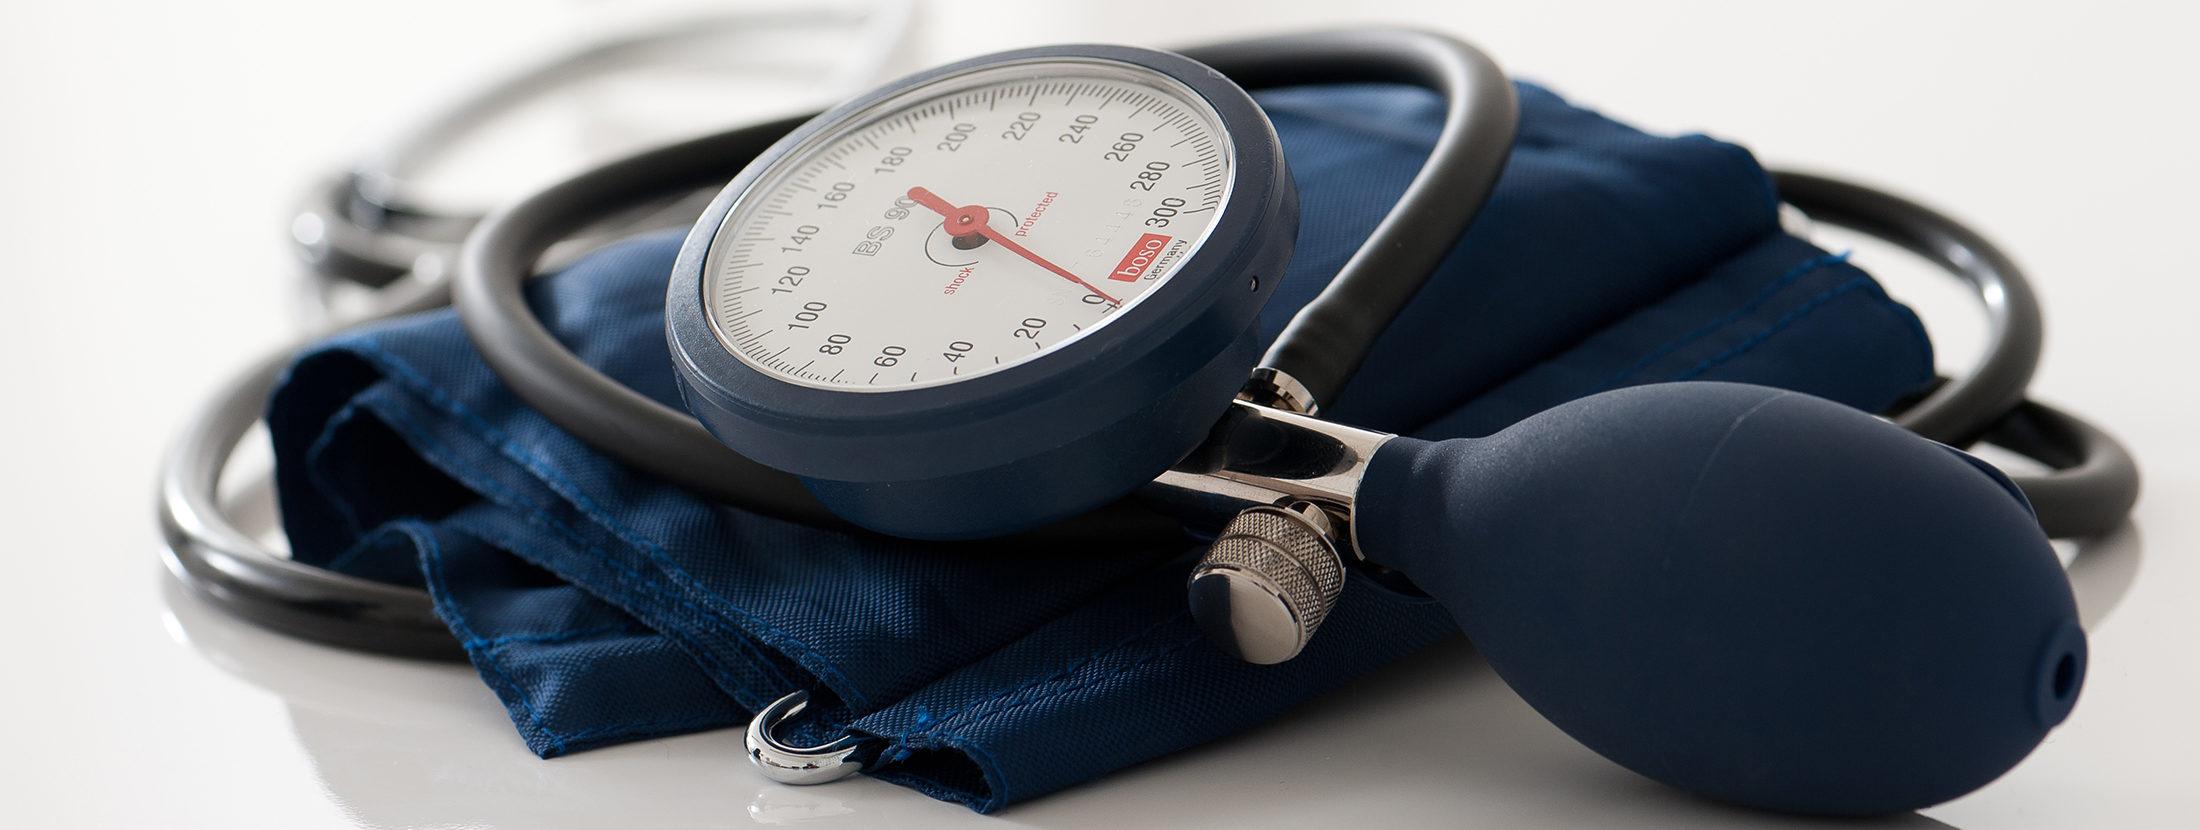 Ein Blutdruckmessgerät